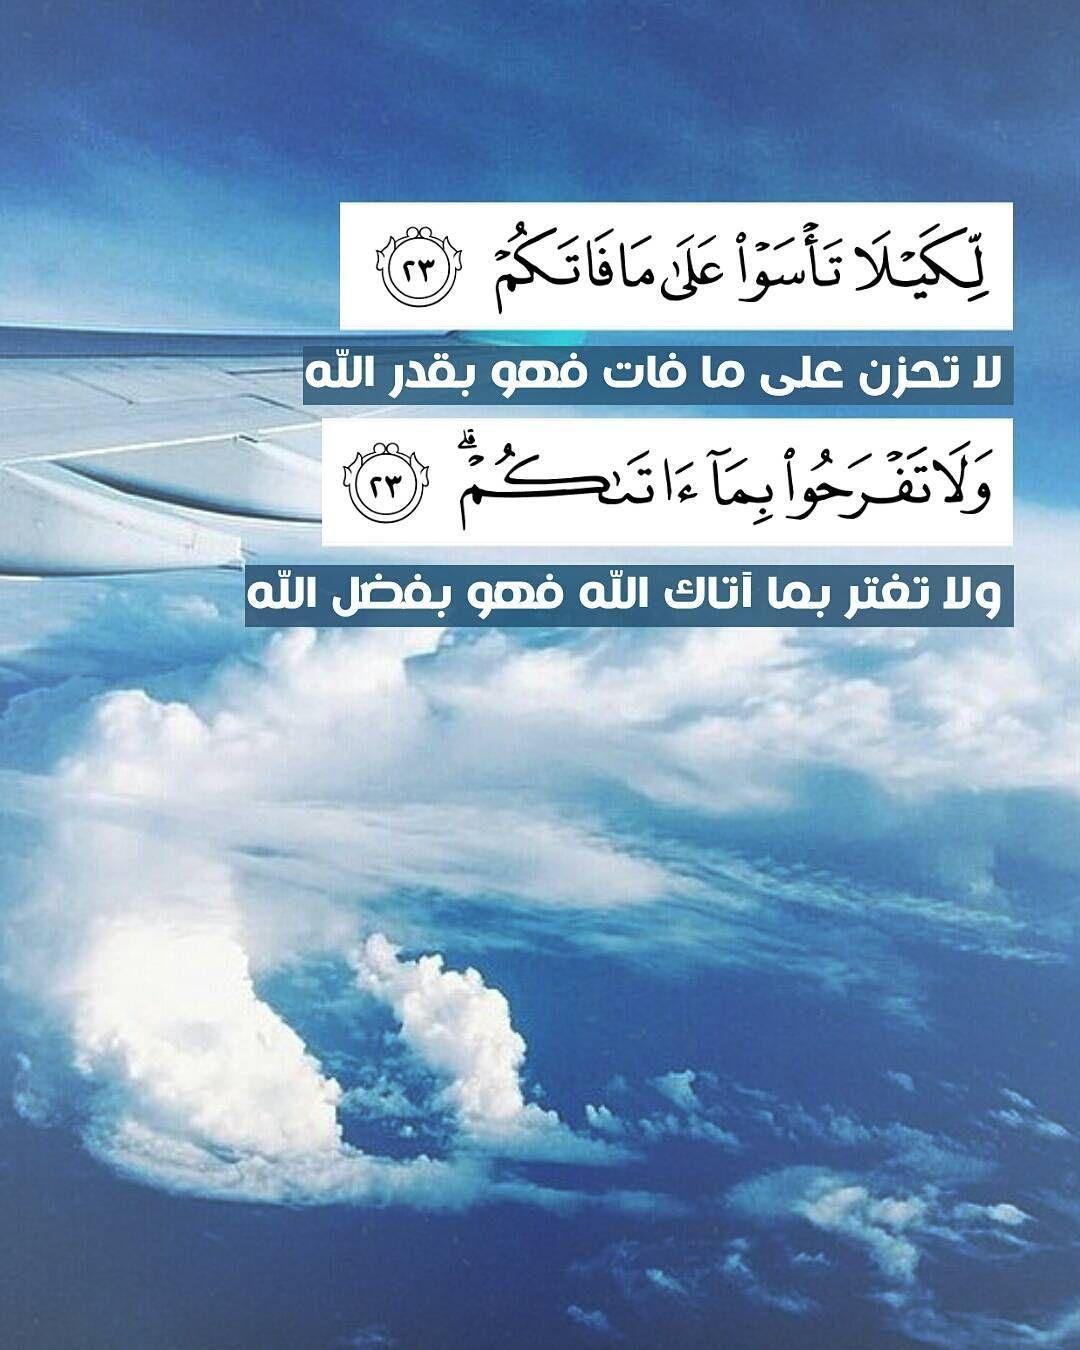 آية و حكمة On Instagram لكيلا تأسو على ما فاتكم لا تحزن على ما فات فهو بقدر الله ولا تفرحوا بما آتاكم ول Quran Verses Islamic Quotes Quran Quran Book